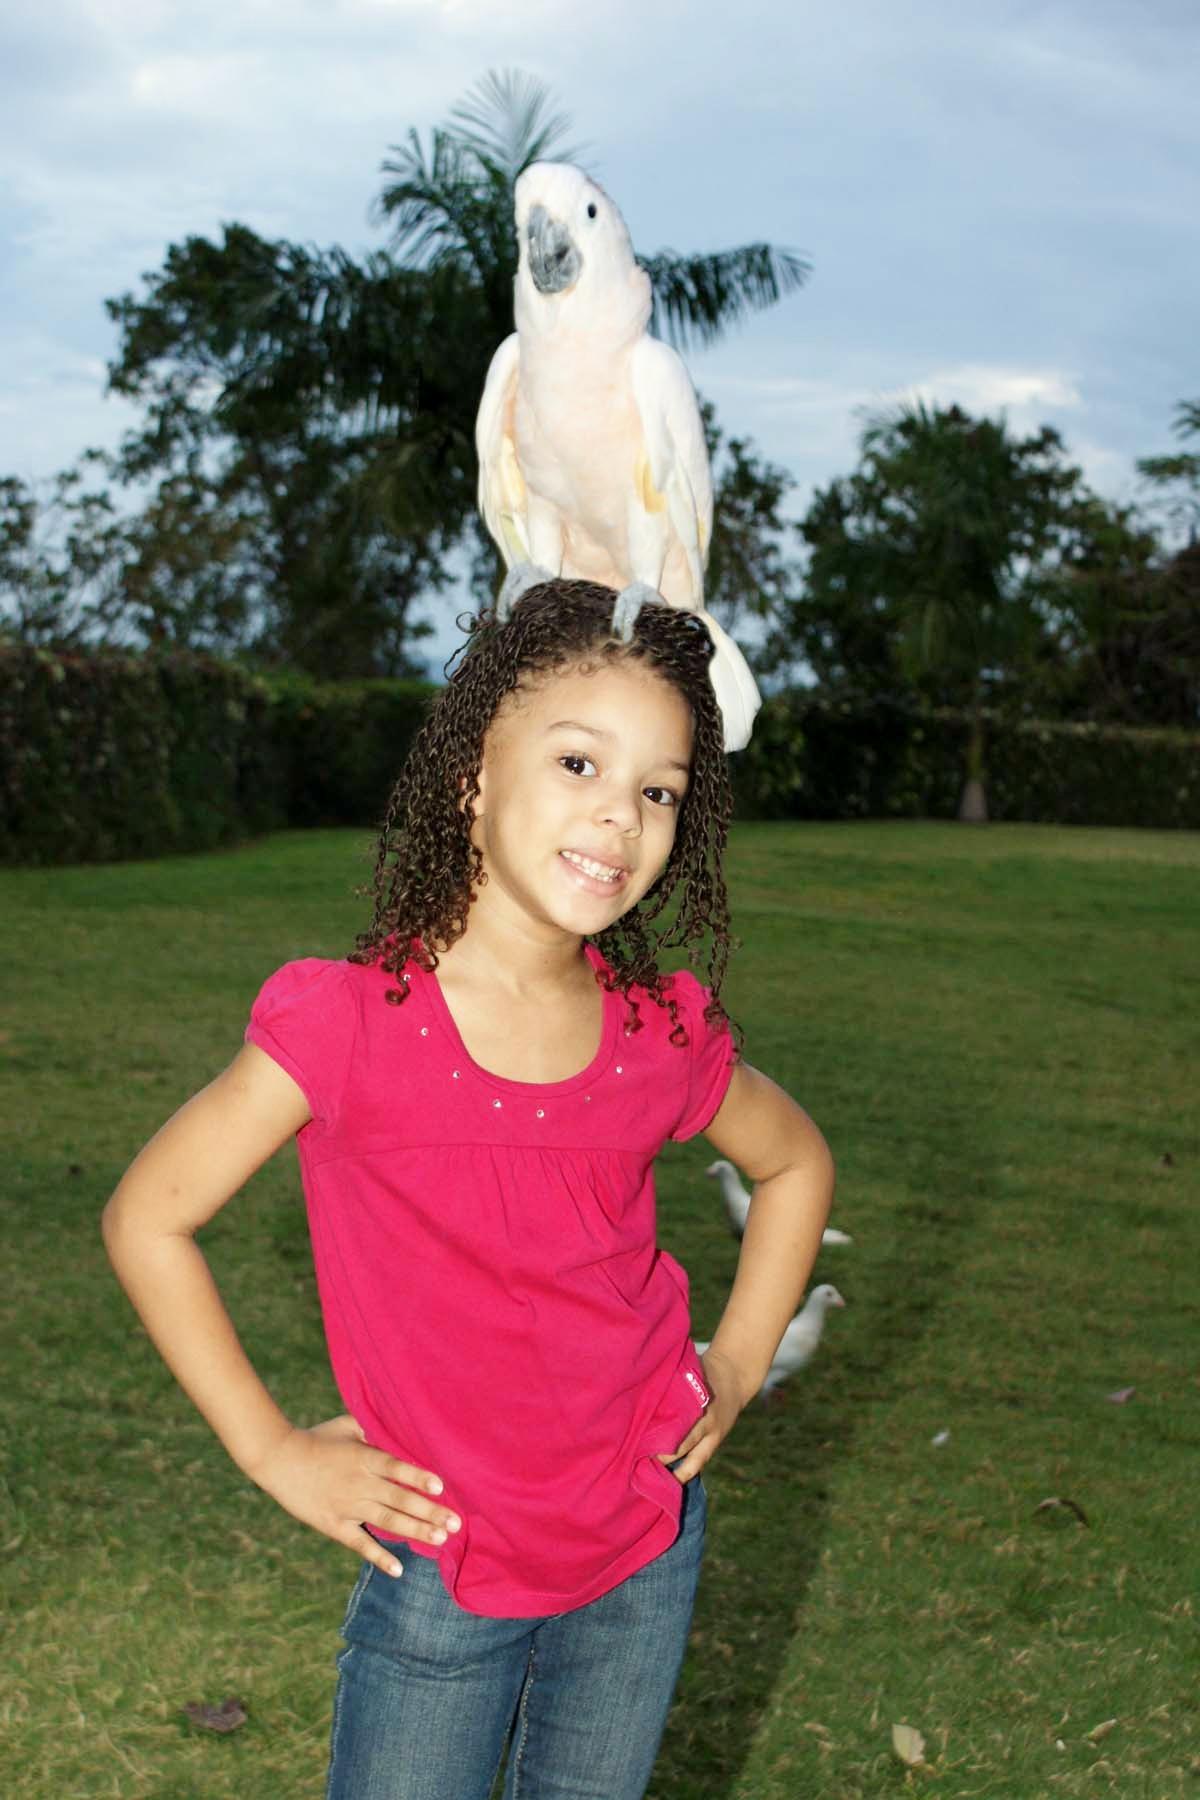 Penny, The Umbrella Cockatoo